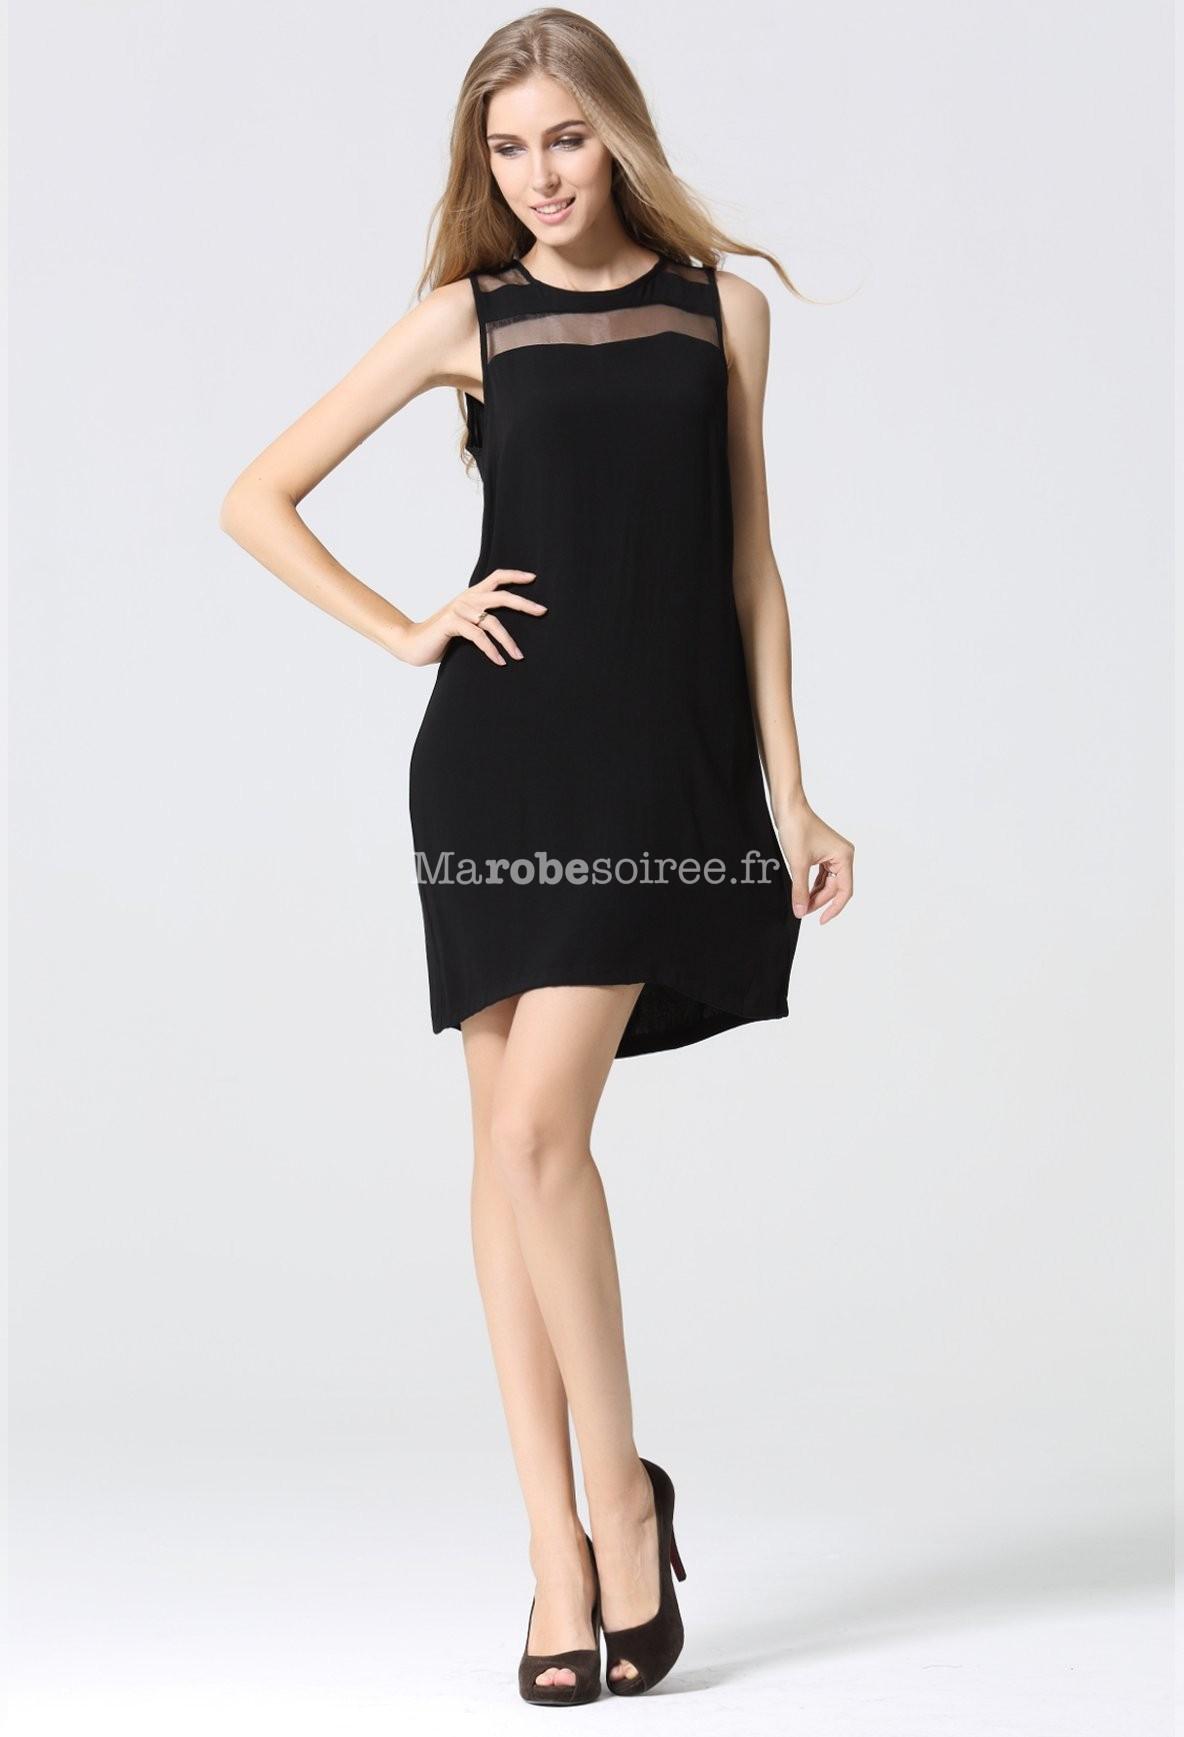 526410b4a2d Petite robe noire asymétrique  Petite robe noire courte  Petite robe noire  courte de cocktail  Petite robe noire avec bustier ...